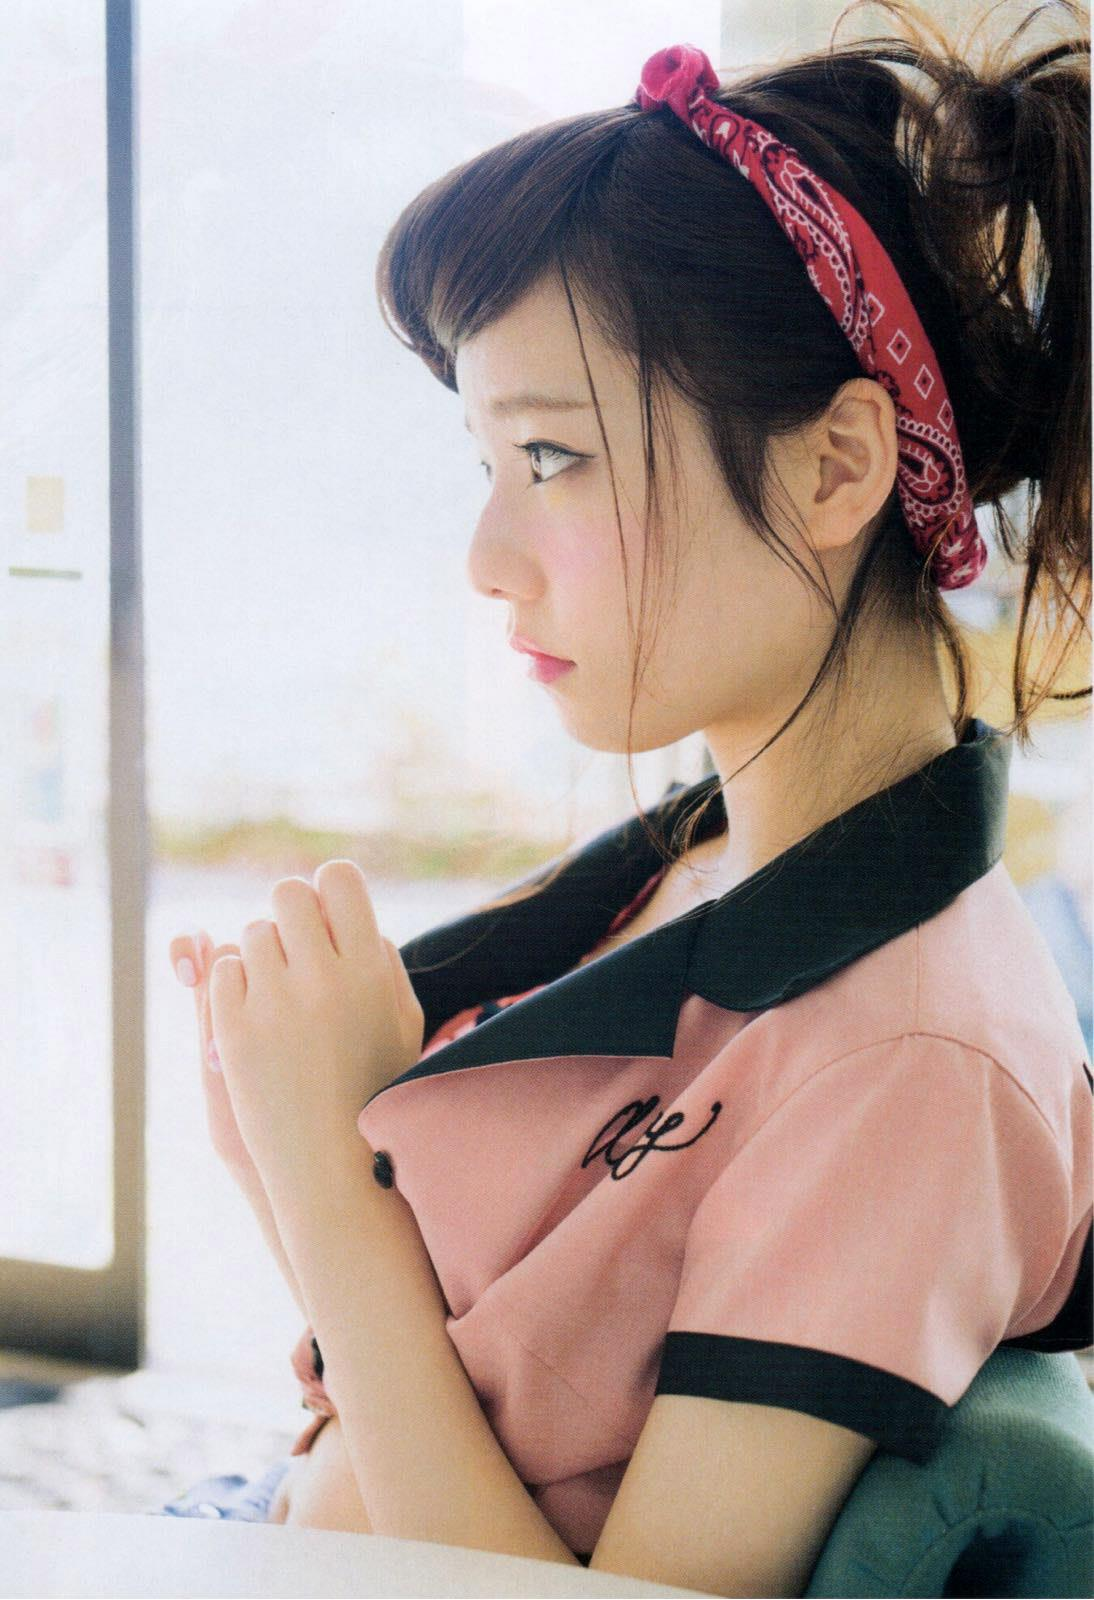 島崎遥香 エロ画像 15